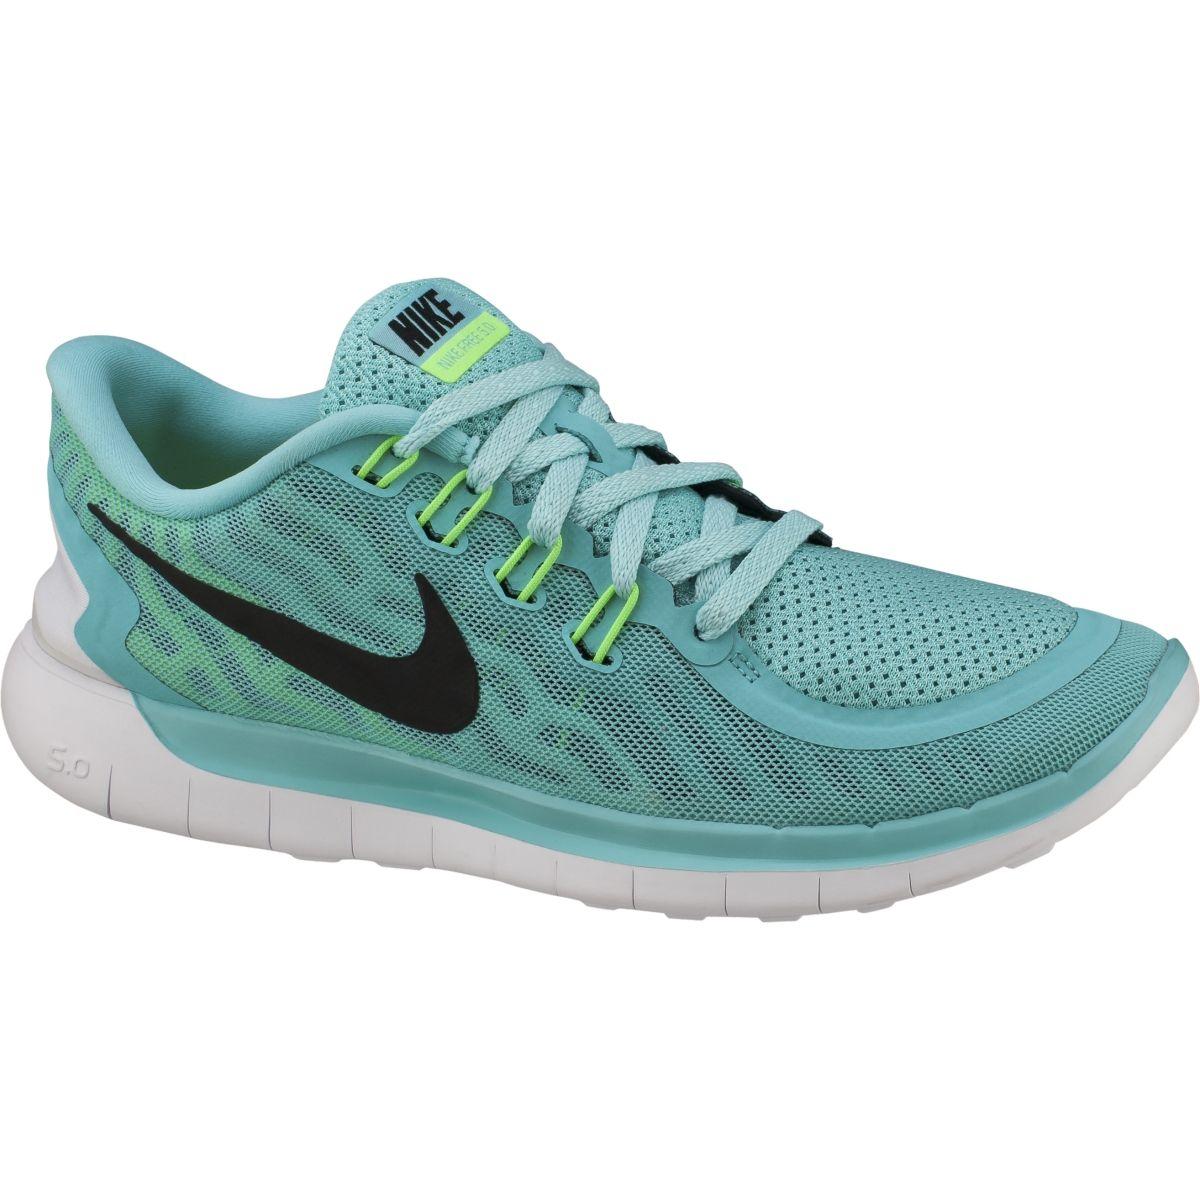 Nike Women's Free 5.0 2015 Running Shoes Teal/Black